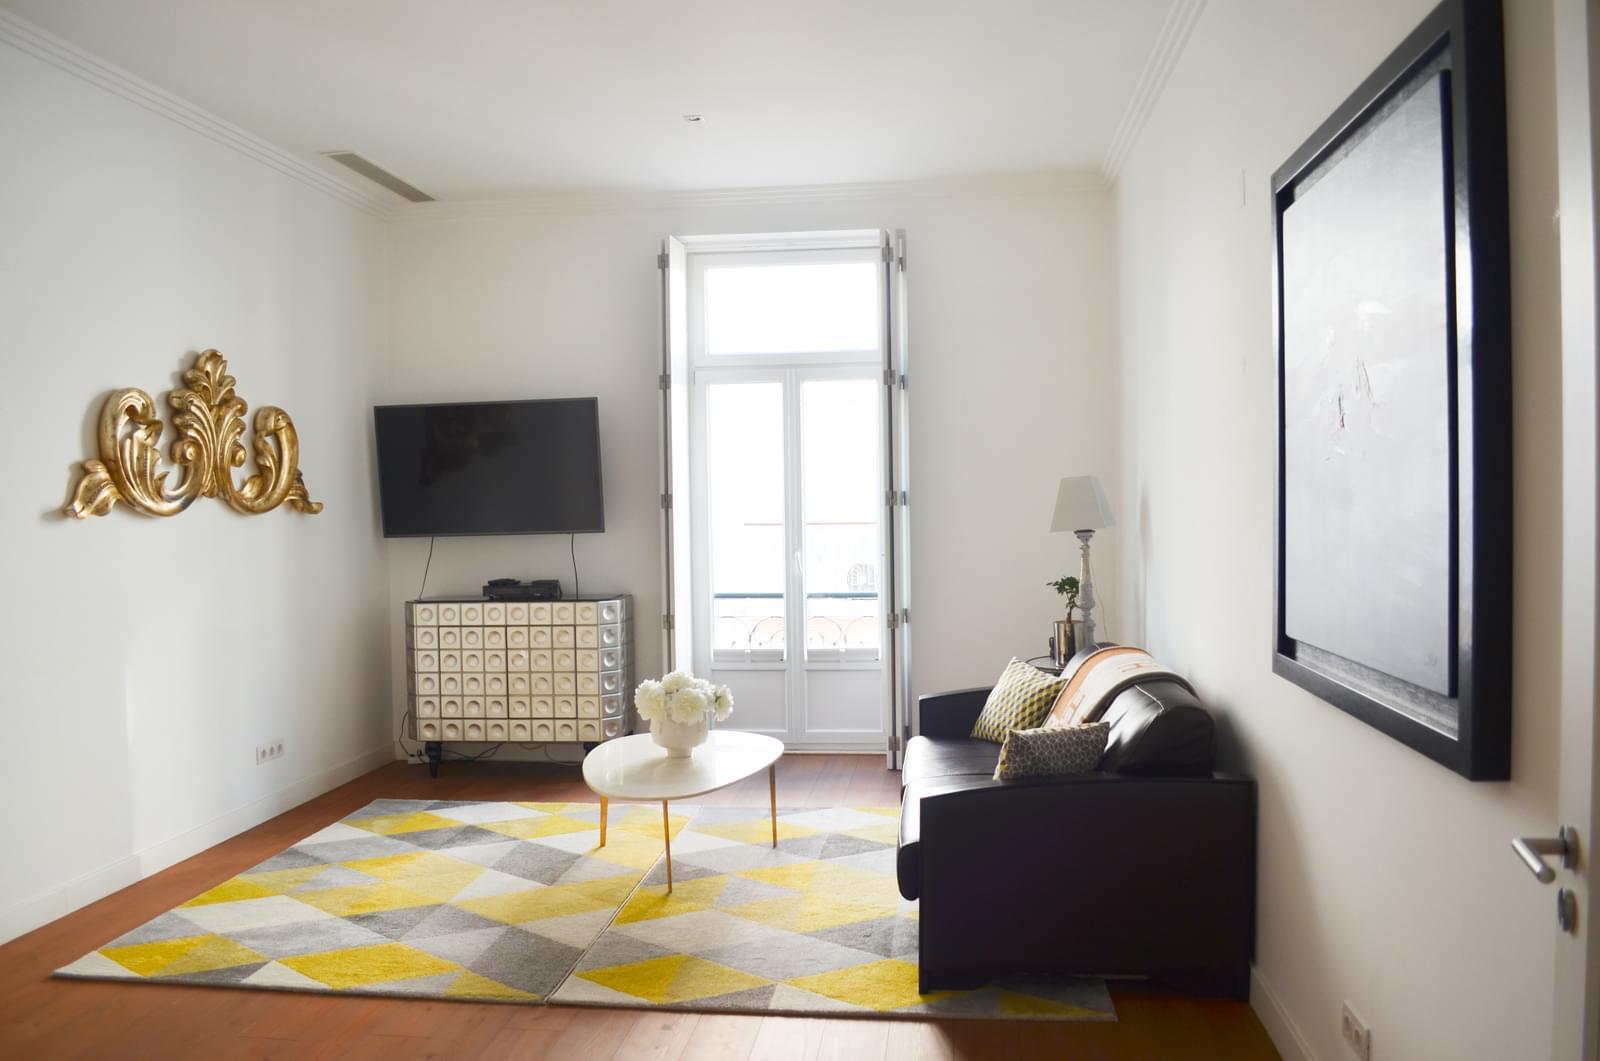 pf18712-apartamento-t2-lisboa-b4a0930f-2891-4d1d-bb7b-8be853c6d369